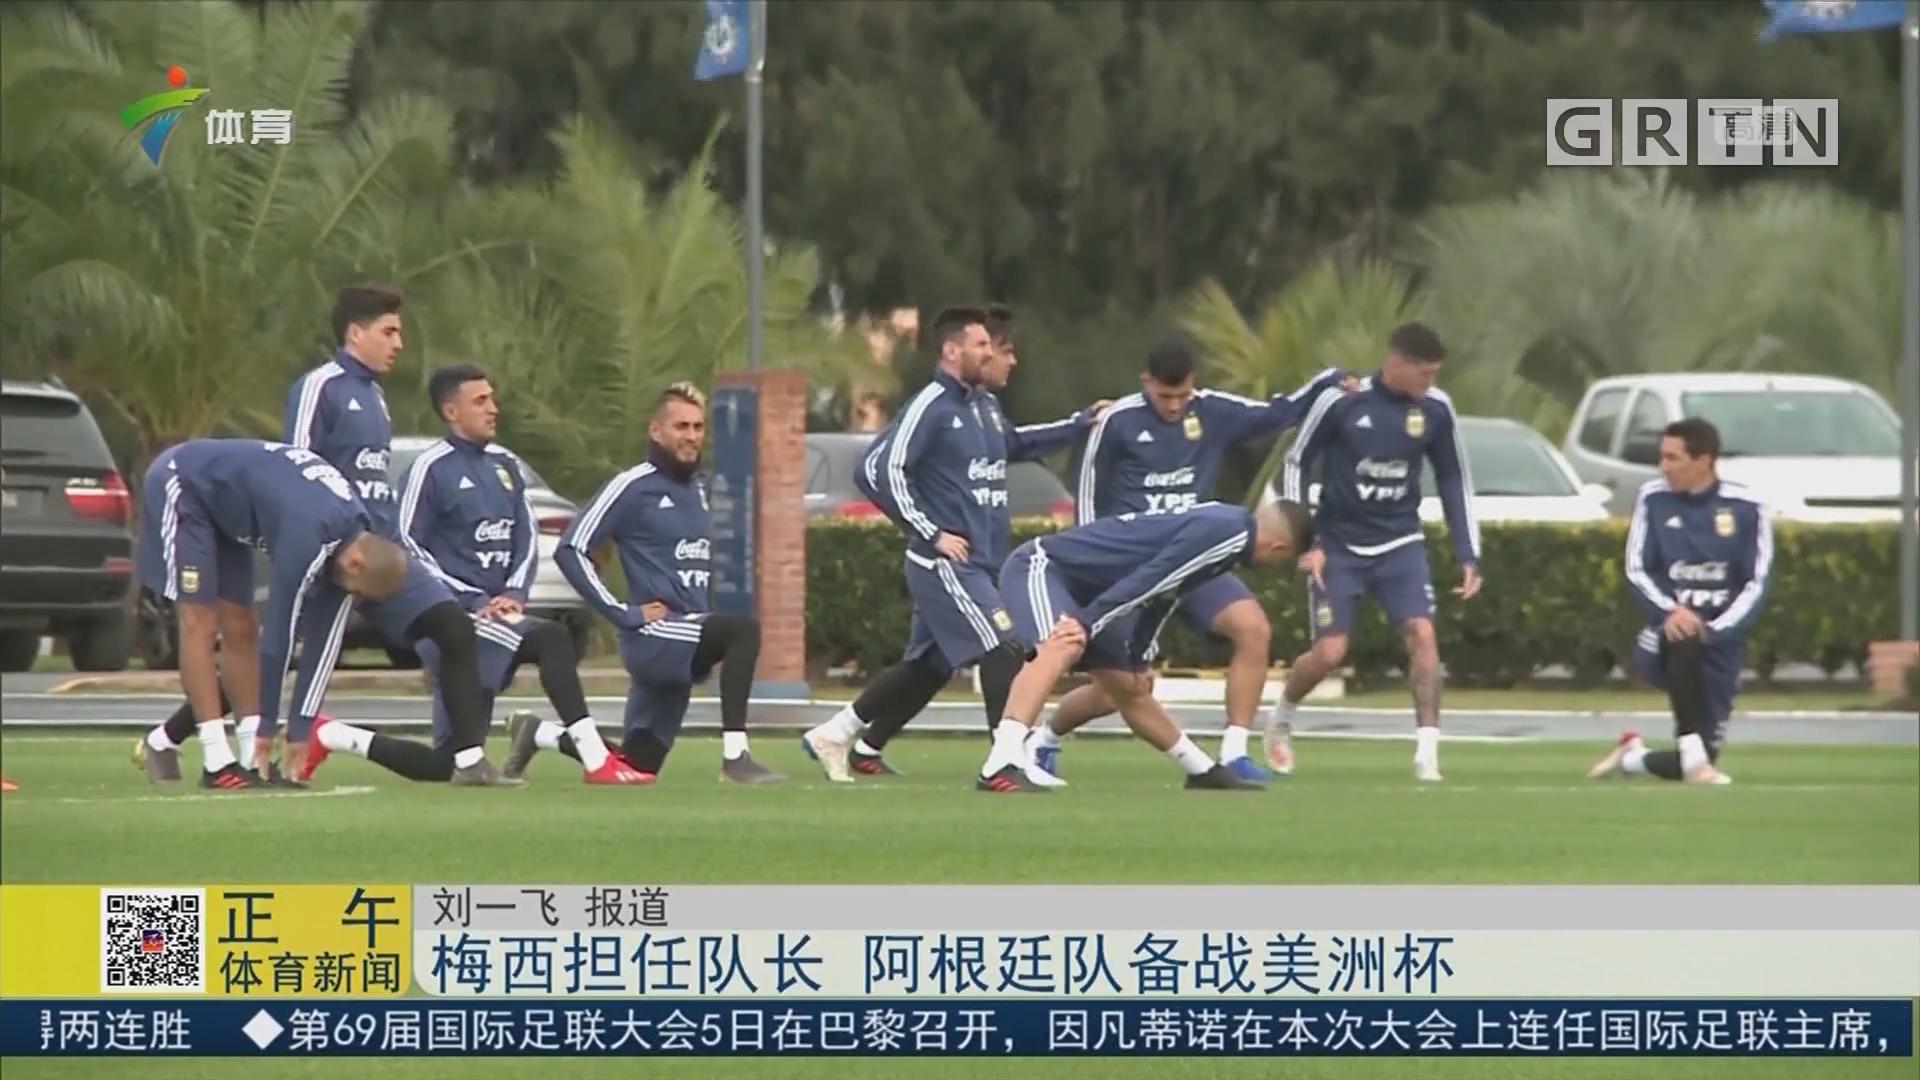 梅西担任队长 阿根廷备战美洲杯